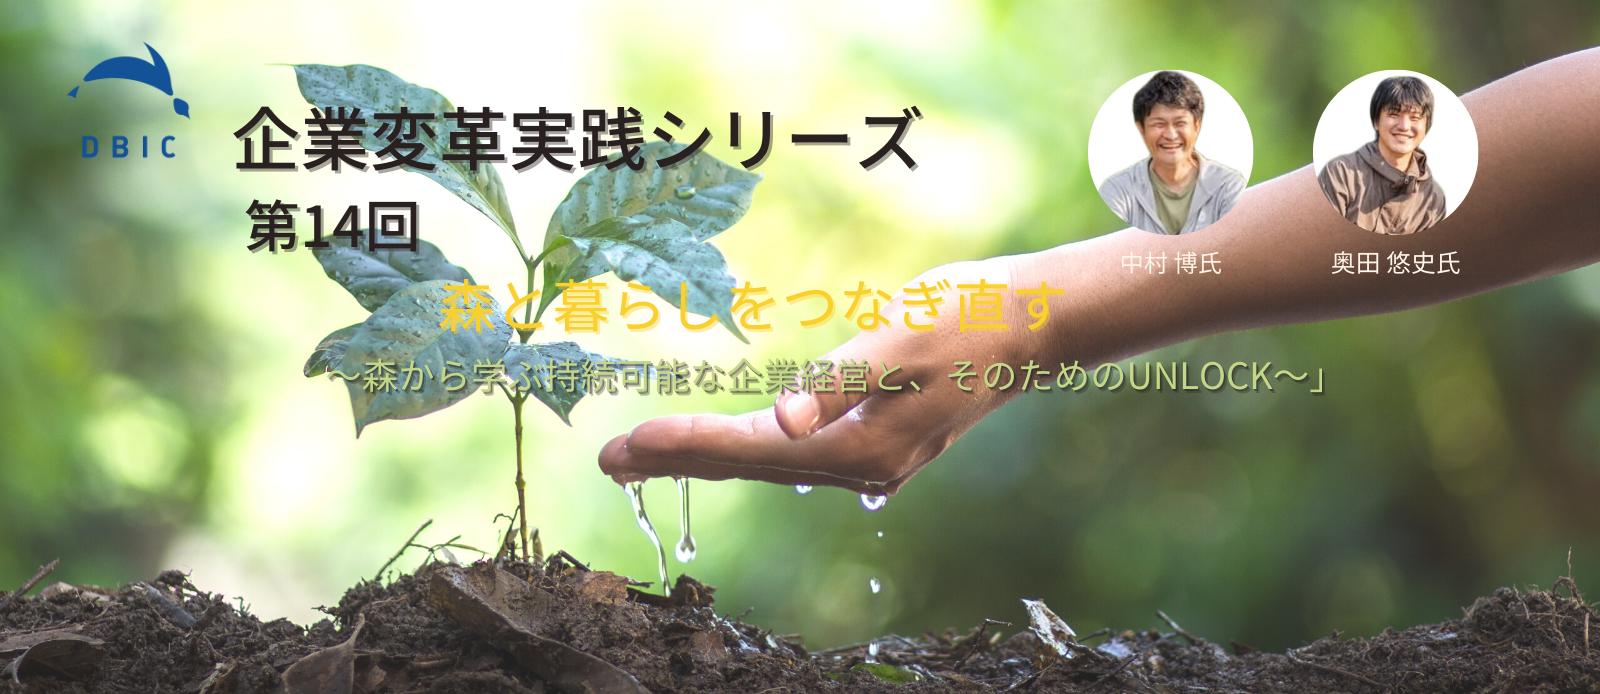 企業変革実践シリーズ第14回「森と暮らしをつなぎ直す ~森から学ぶ持続可能な企業経営と、そのためのUNLOCK~」